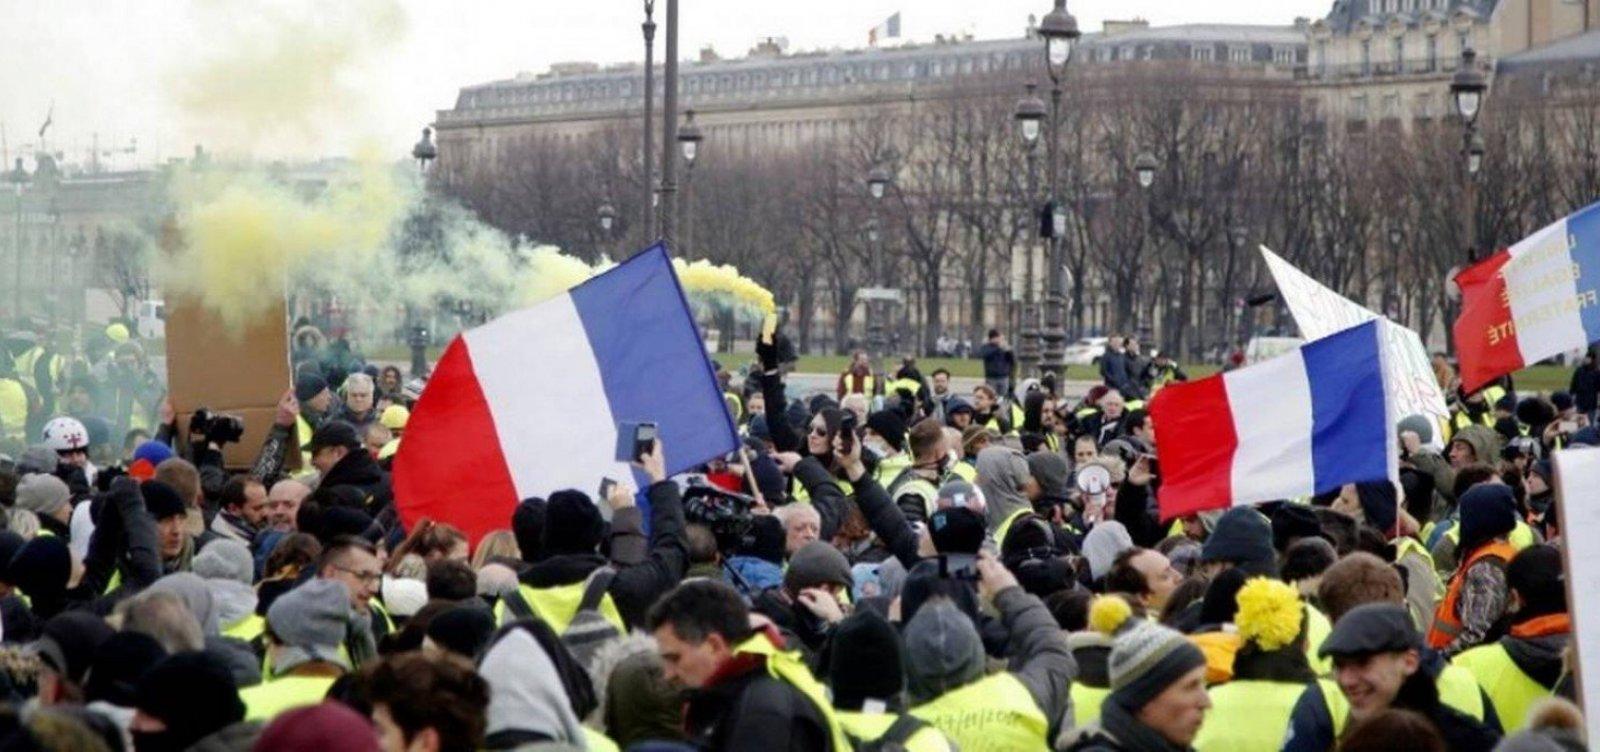 [Protestos dos 'coletes amarelos' registram menor número desde o início do movimento]